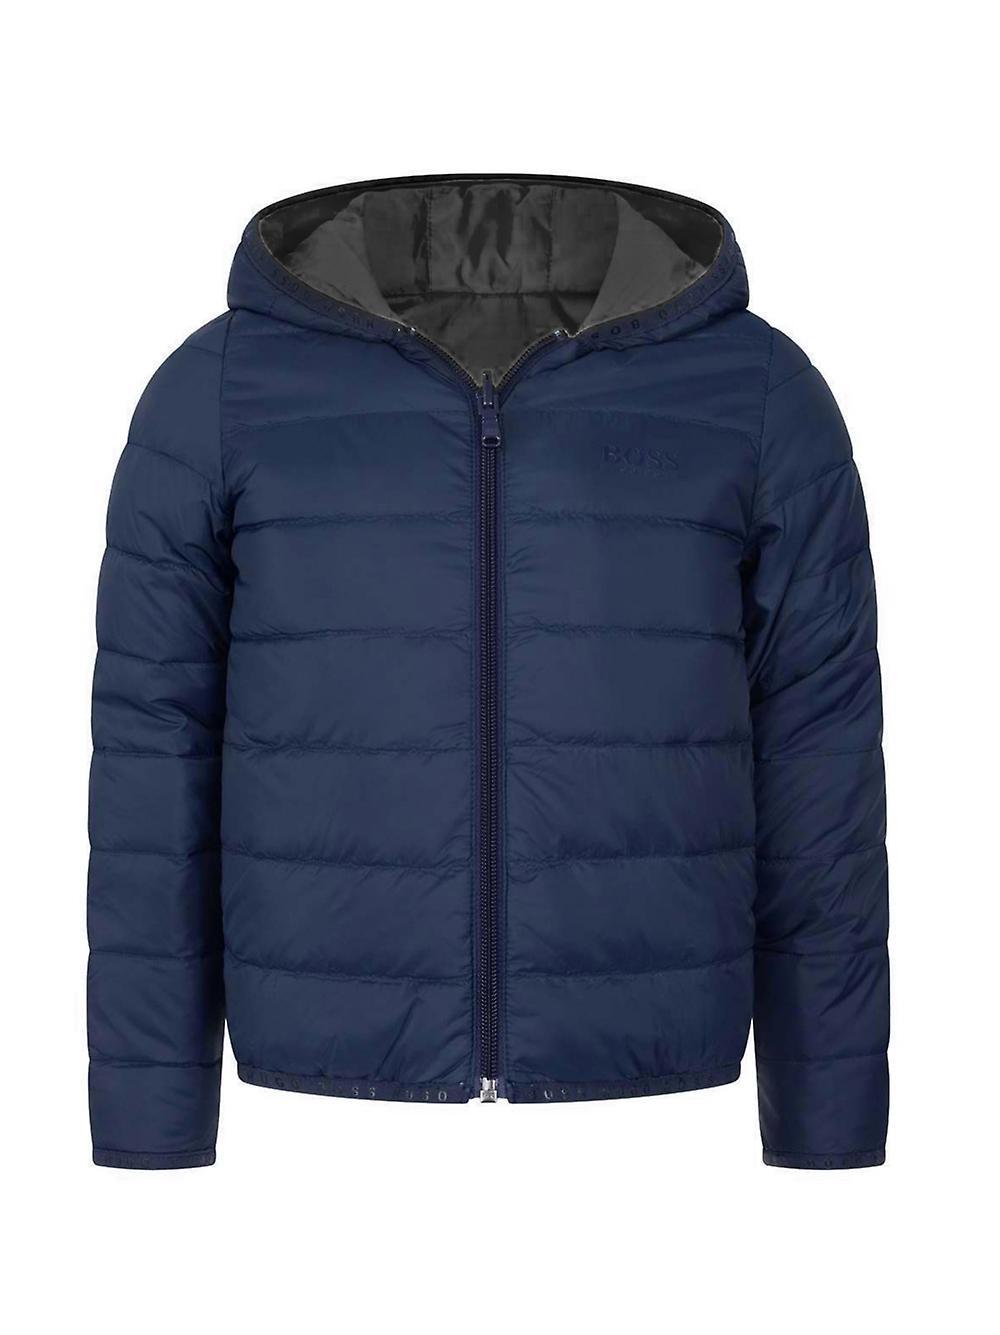 BOSS Kidswear Navy & Grey Down Filled Reversible Jacket